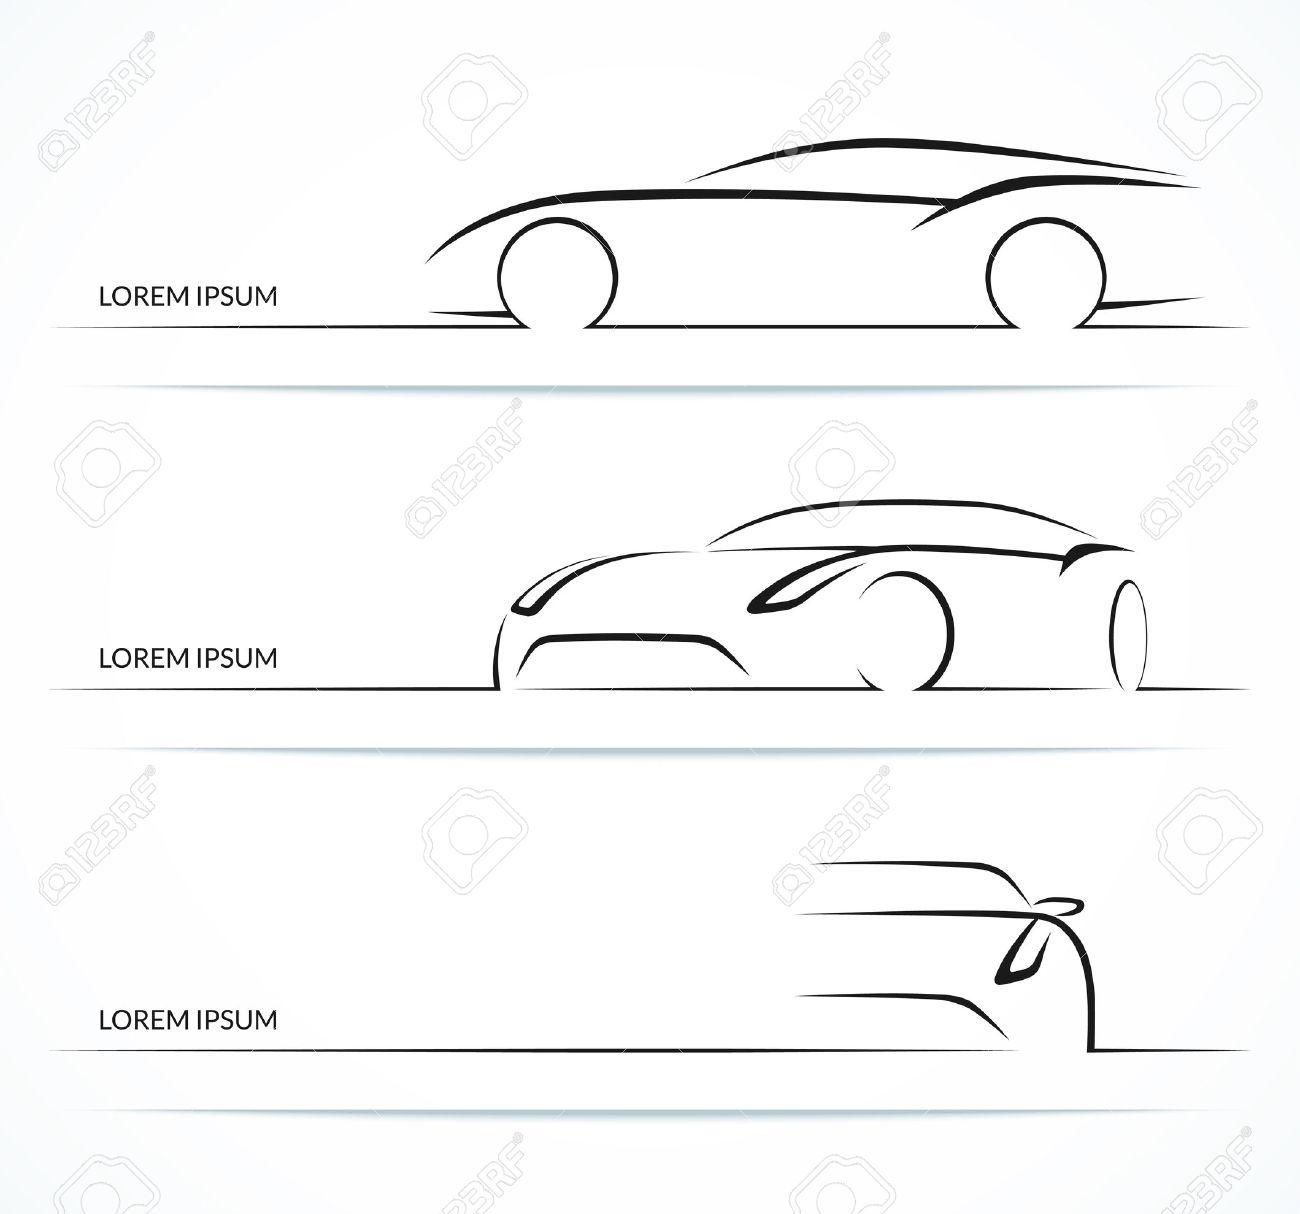 Wunderbar Wie Man Auto Skizziert Bilder - Elektrische Schaltplan ...